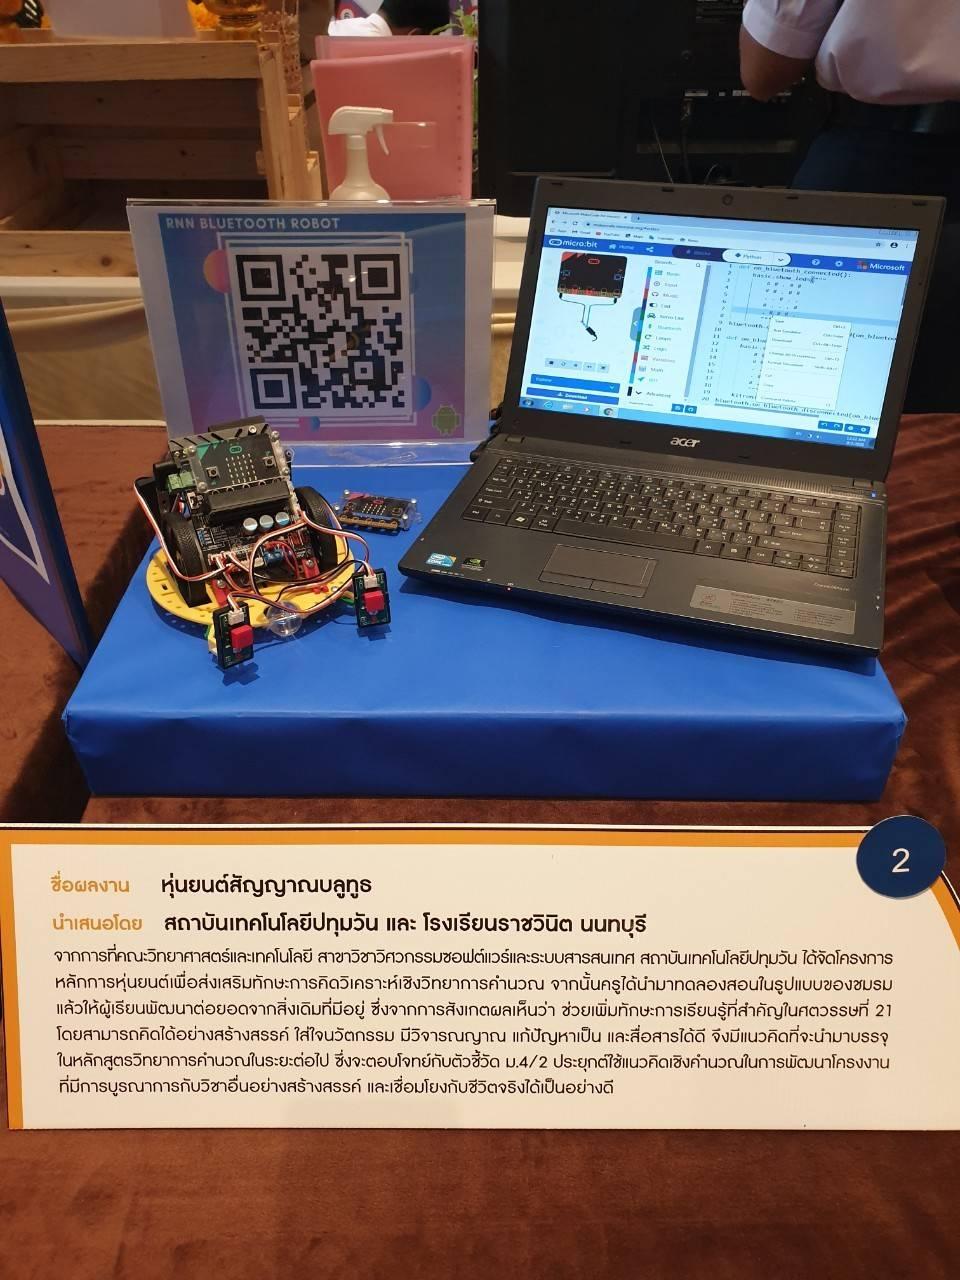 """สาขาวิชาวิศวกรรมซอฟต์แวร์และระบบสารสนเทศ สถาบันเทคโนโลยีปทุมวัน และโรงเรียนราชวินิต นนทบุรี จังหวัดนนทบุรี เข้าร่วมนำเสนอผลงาน """"หุ่นยนต์สัญญาณบลูทูธ"""""""